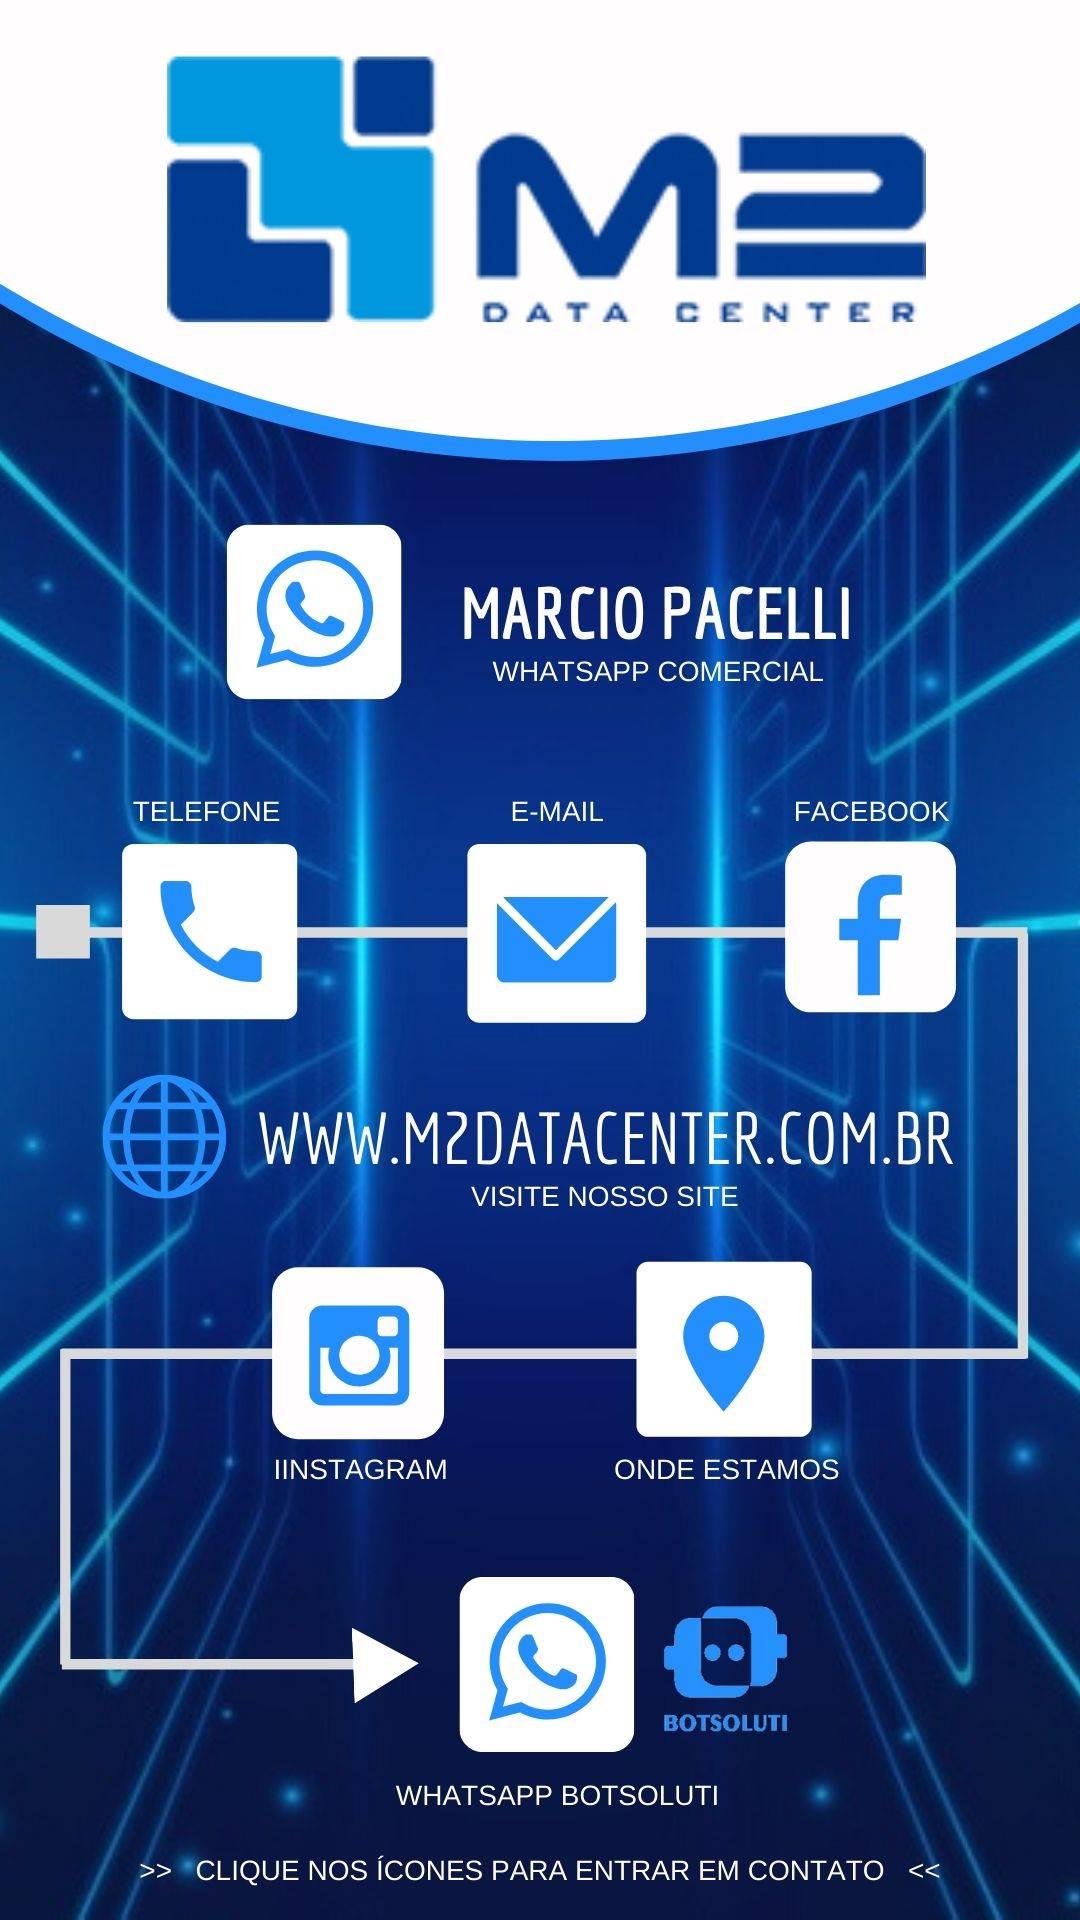 M2 Data Center